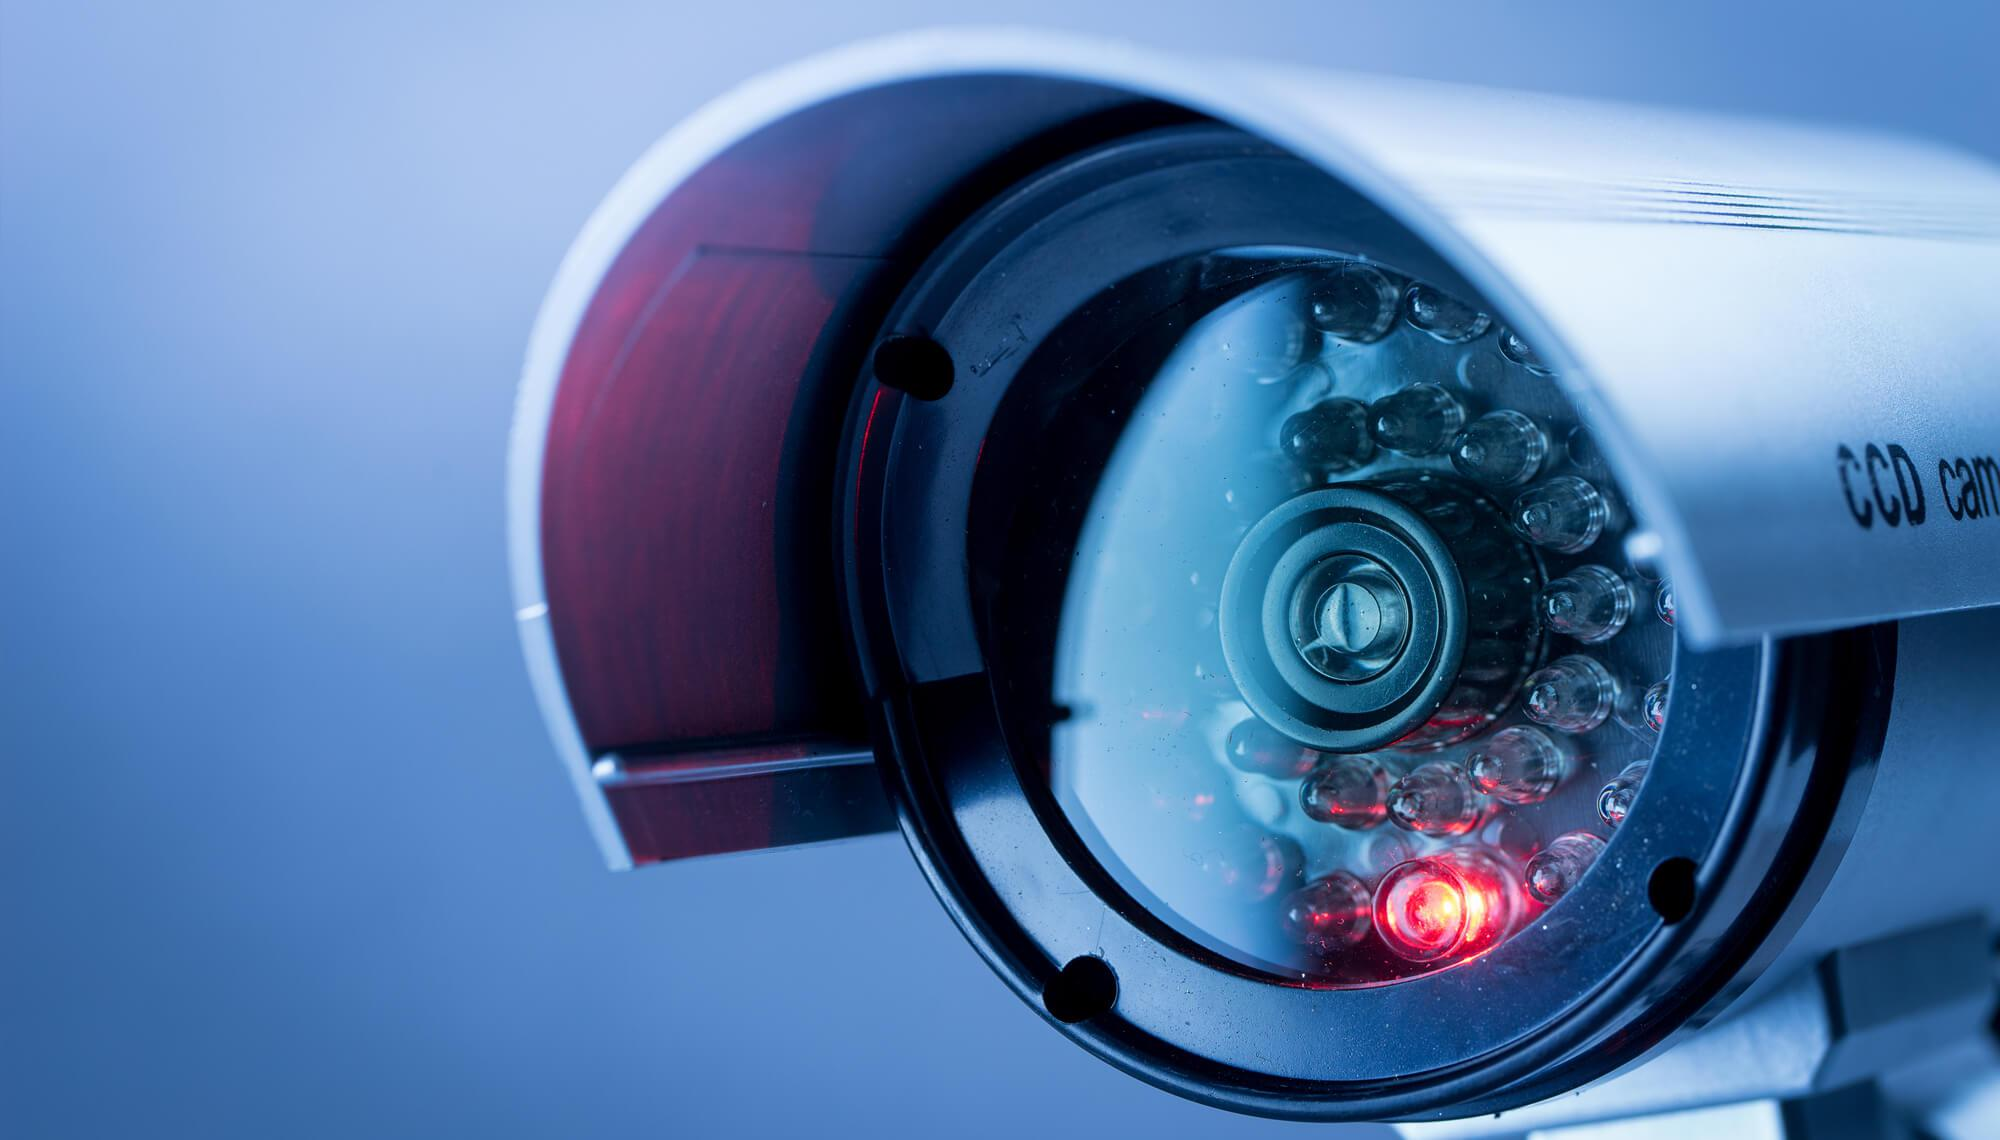 high tech surveillance